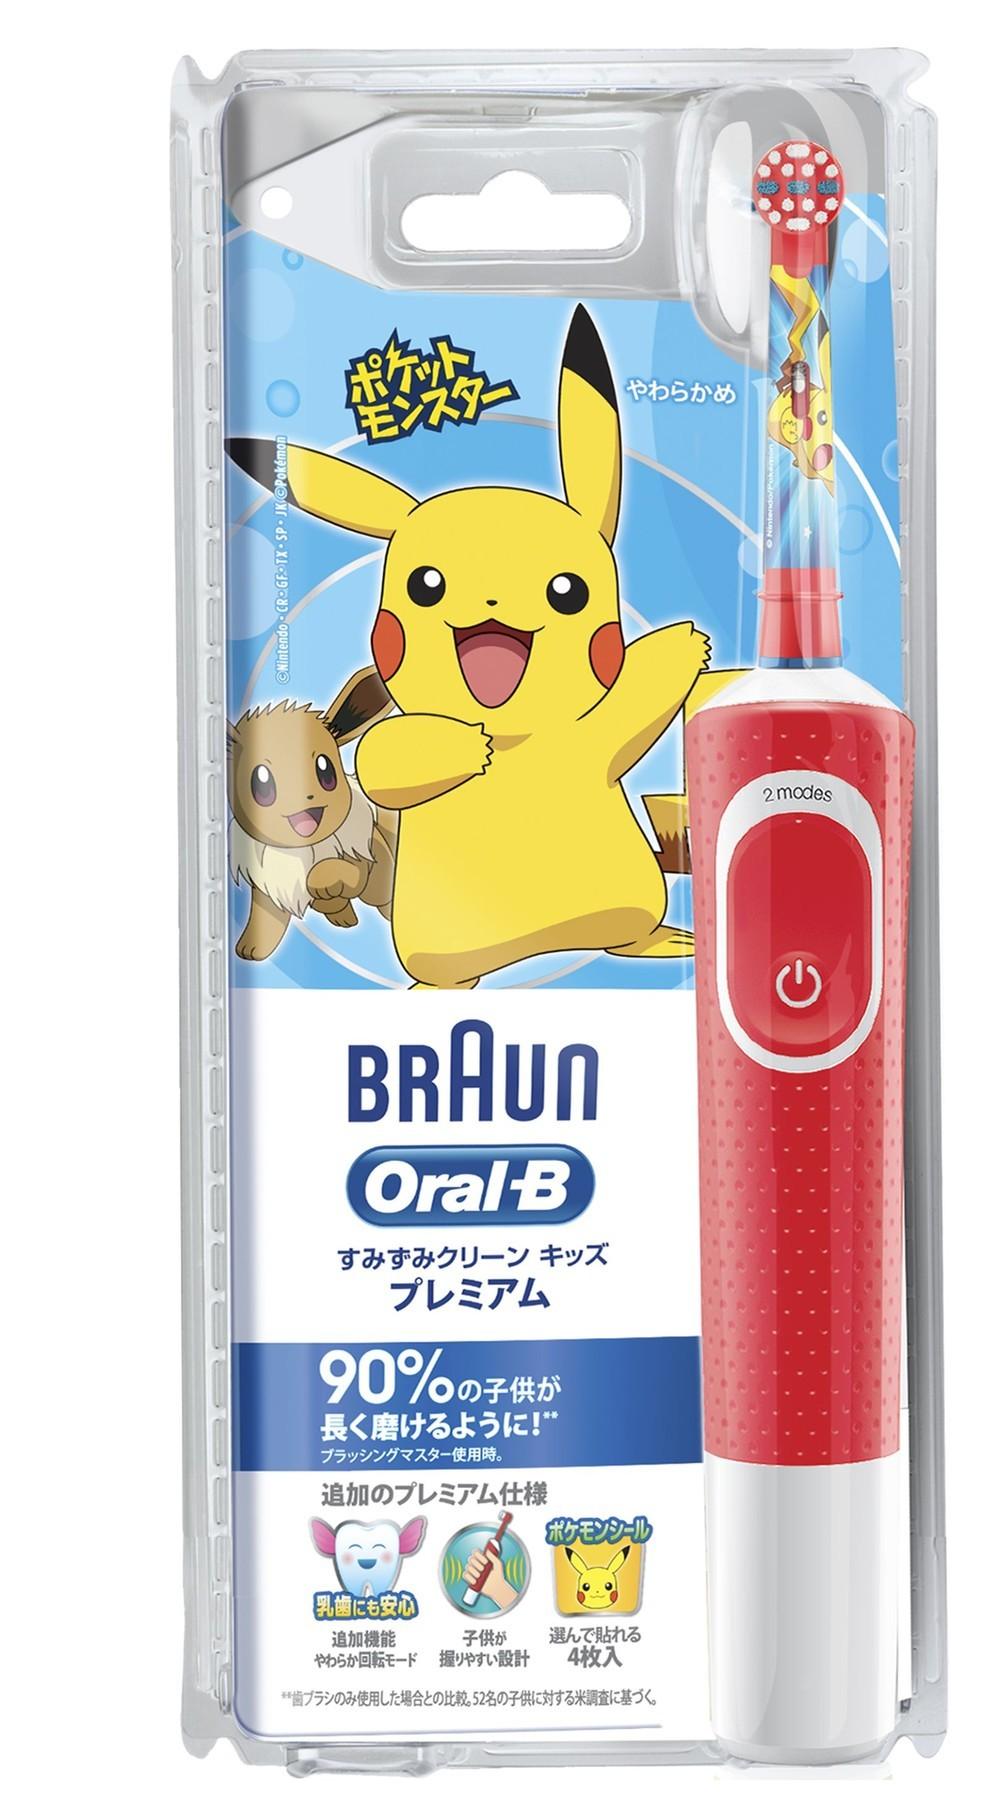 「やわらか回転モード」乳歯に優しい子ども用電動歯ブラシ ポケモンと一緒に楽しく磨こう